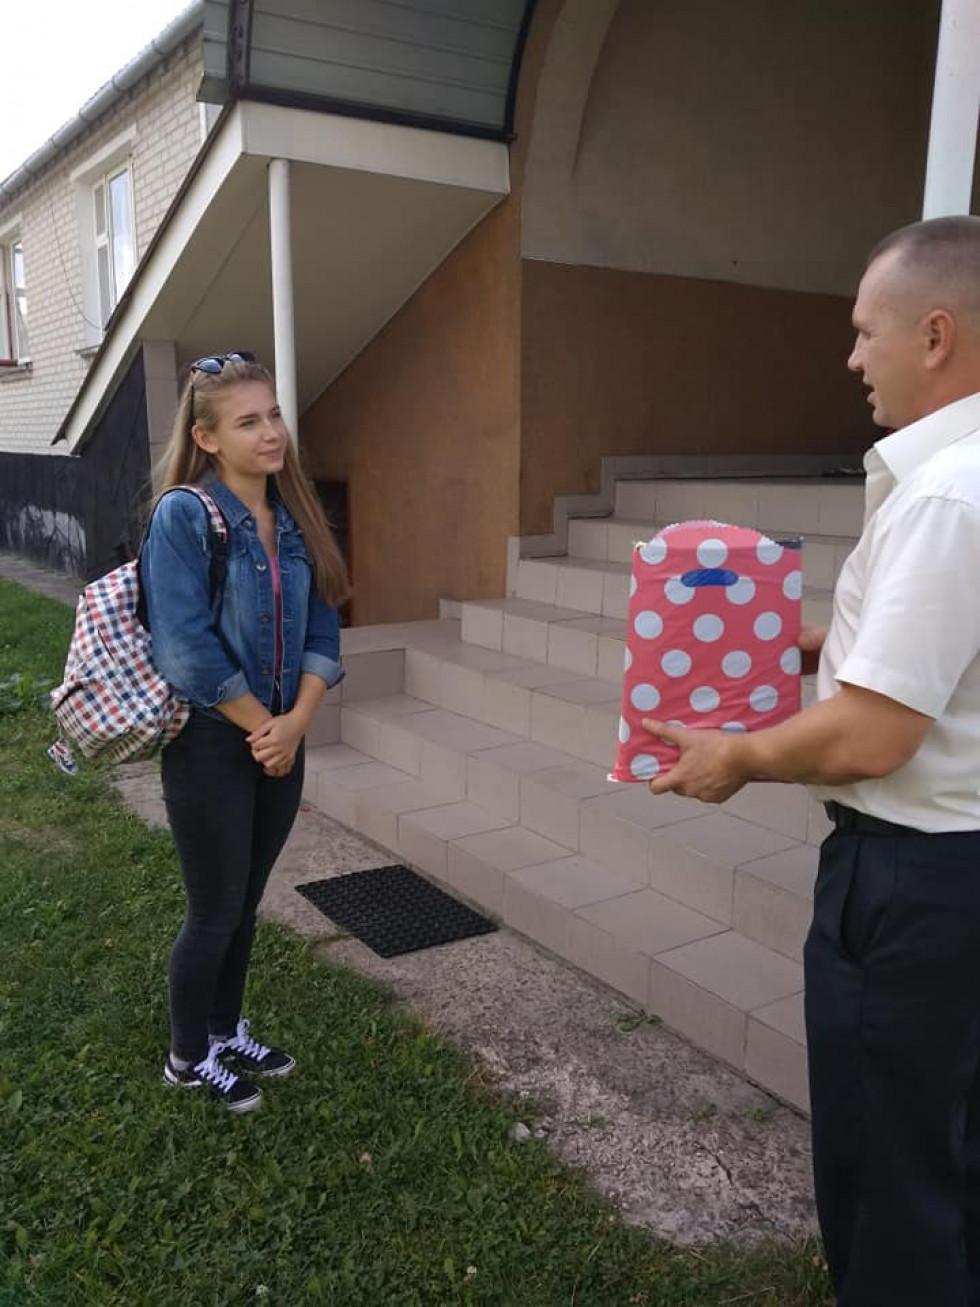 Шкільне приладдя отримала Вікторія Штанська, донька загиблого учасника АТО Миколи Штанського.